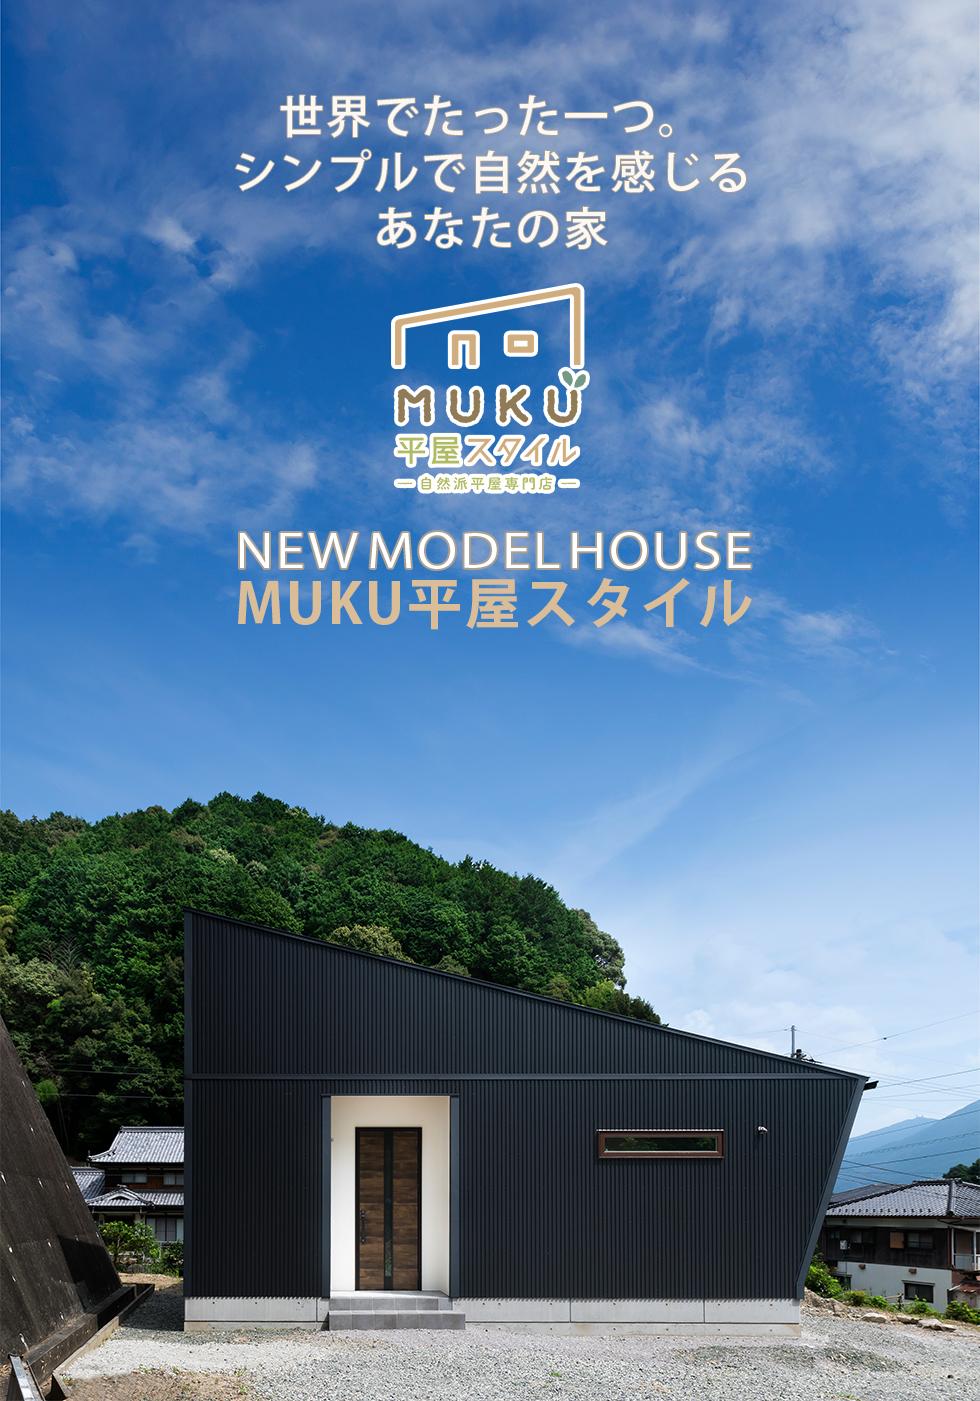 モデルハウスMUKU平屋スタイル